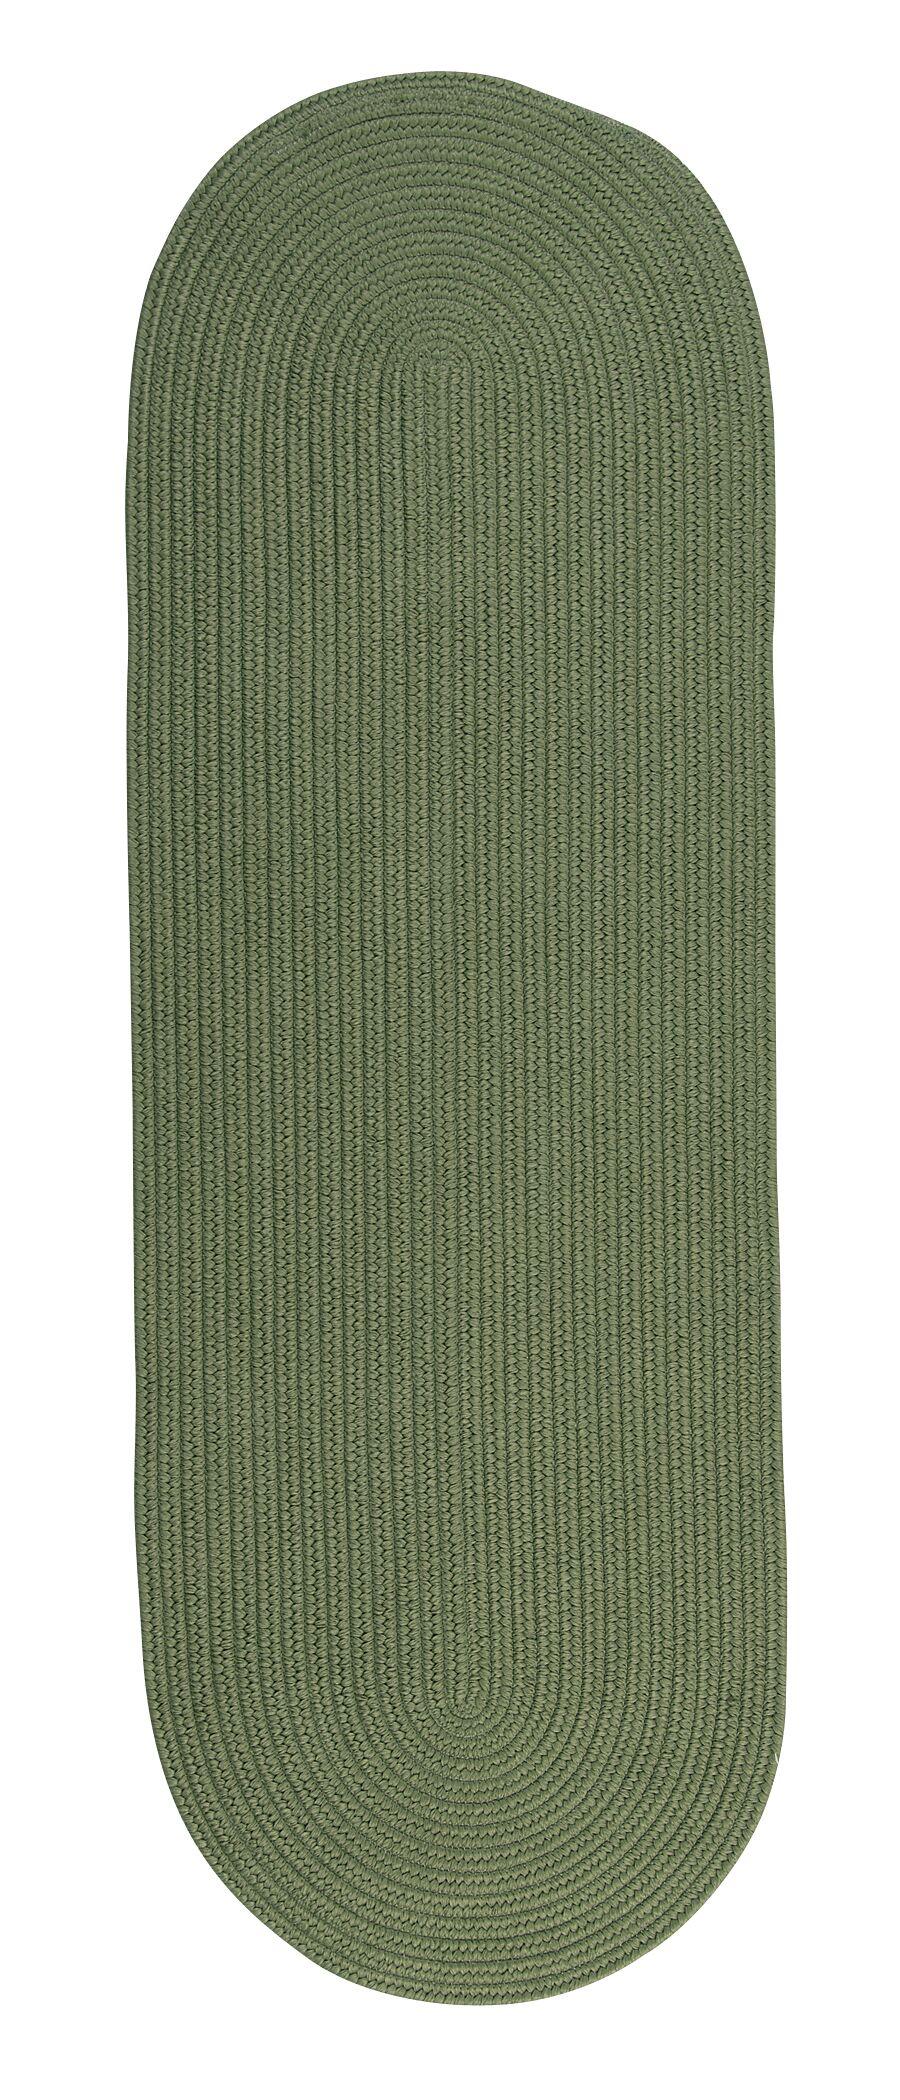 Mcintyre Moss Green Indoor/Outdoor Area Rug Rug Size: Oval Runner 2' x 12'